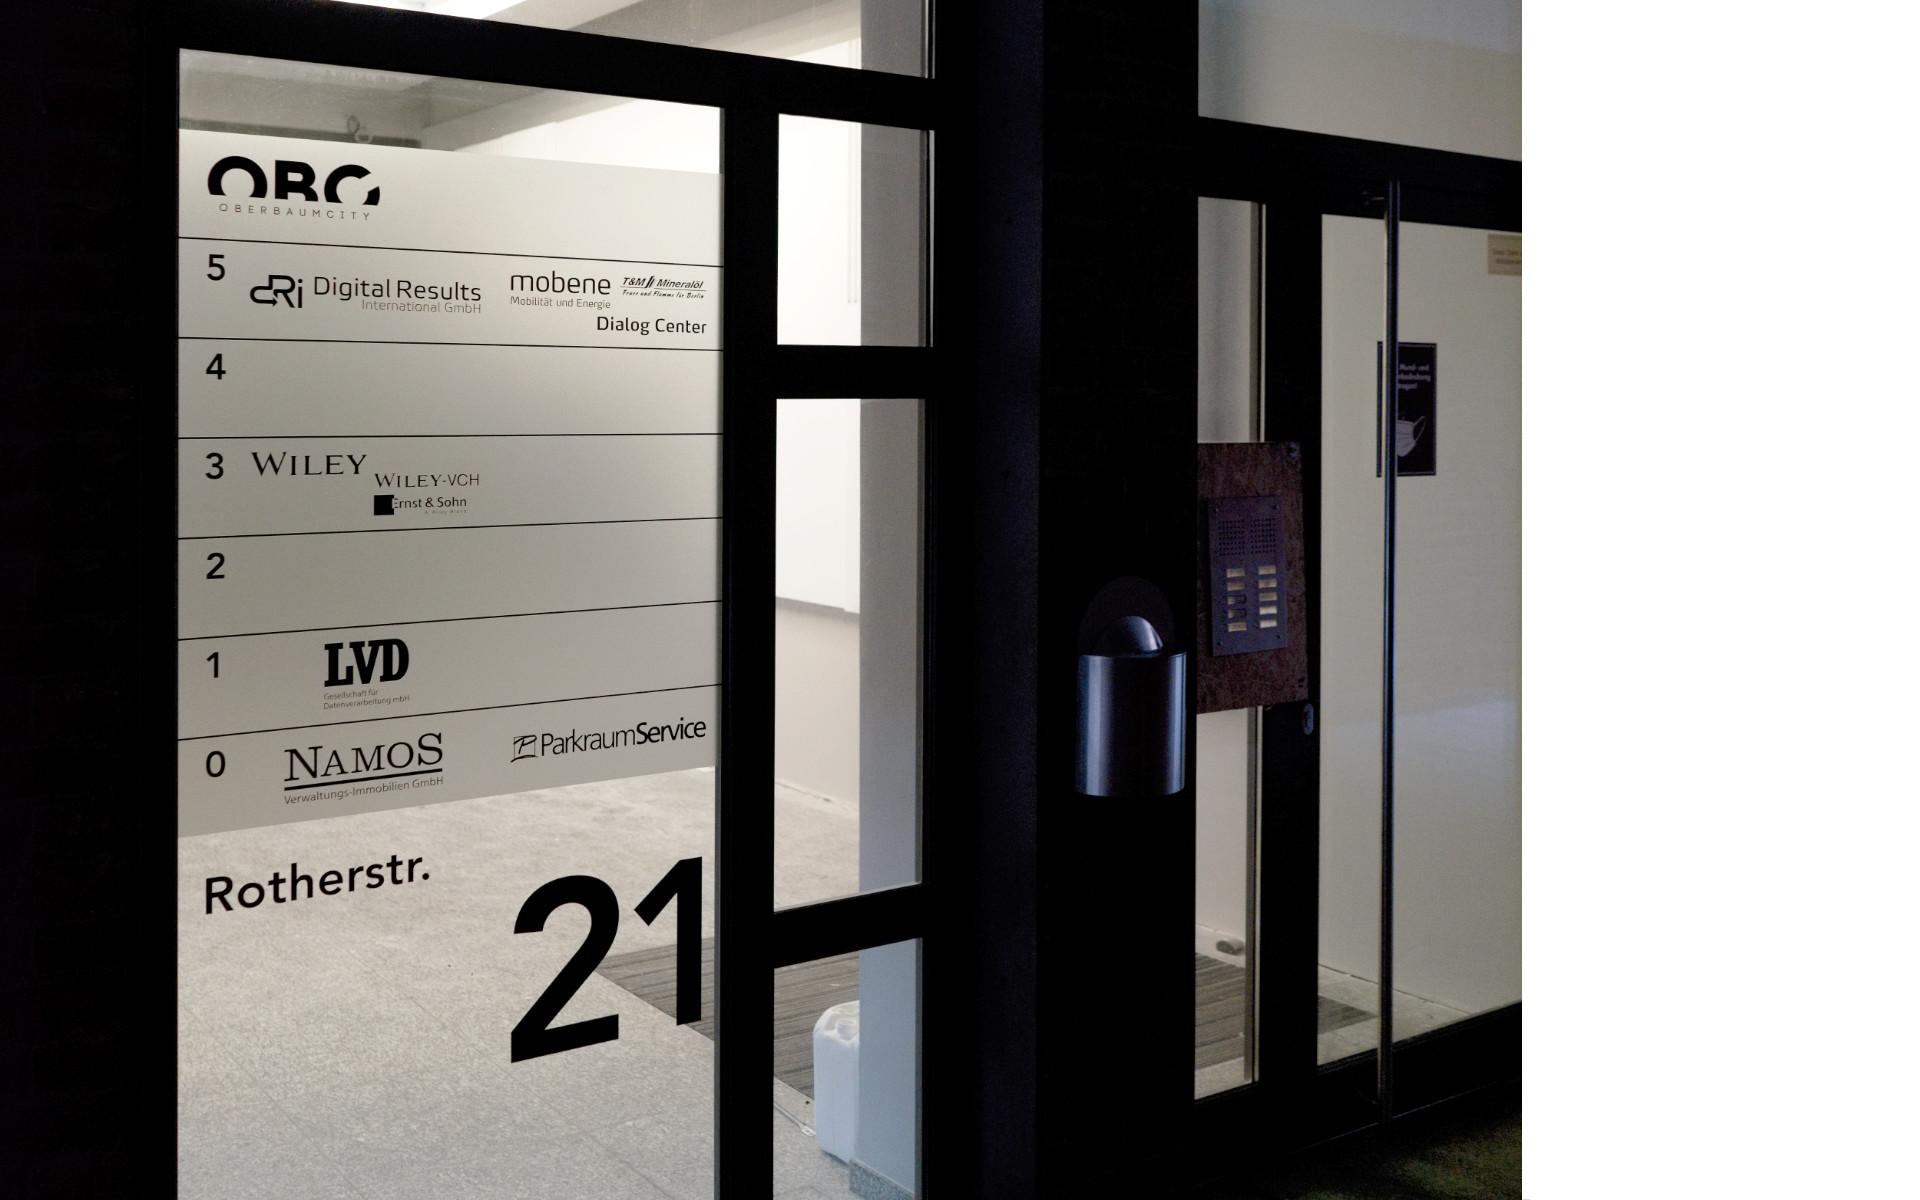 Oberbaumcity Glasbeschriftung Mieteruebersicht Buerohaus Beschilderung Leitsystem Design Berlin